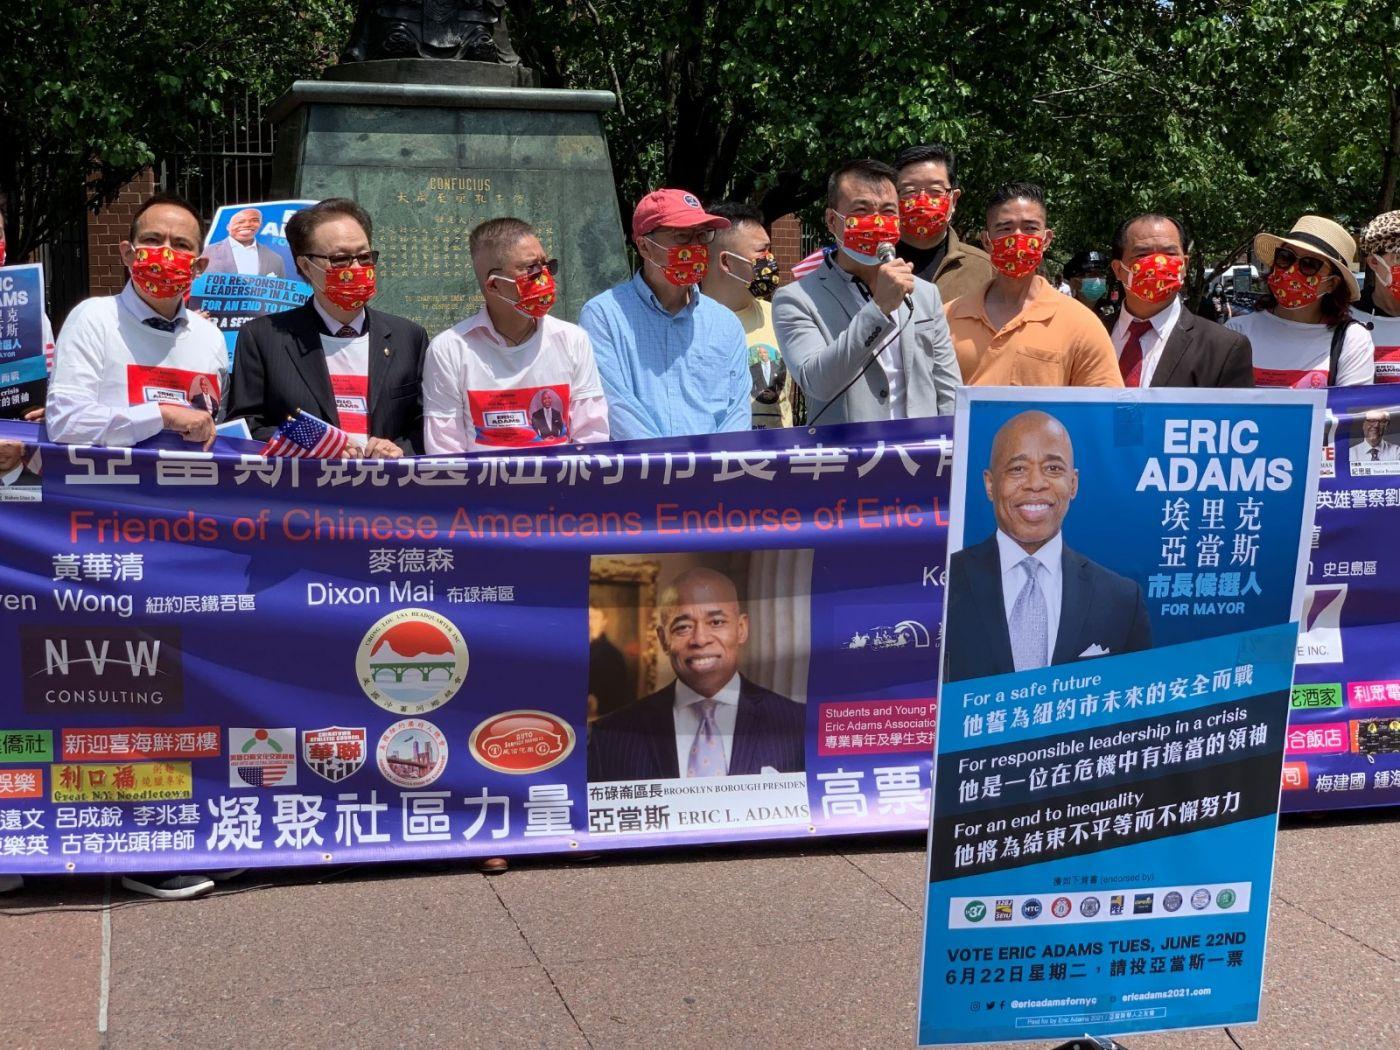 高娓娓:纽约市长竞选人亚当斯拜访唐人街社区民众_图1-5